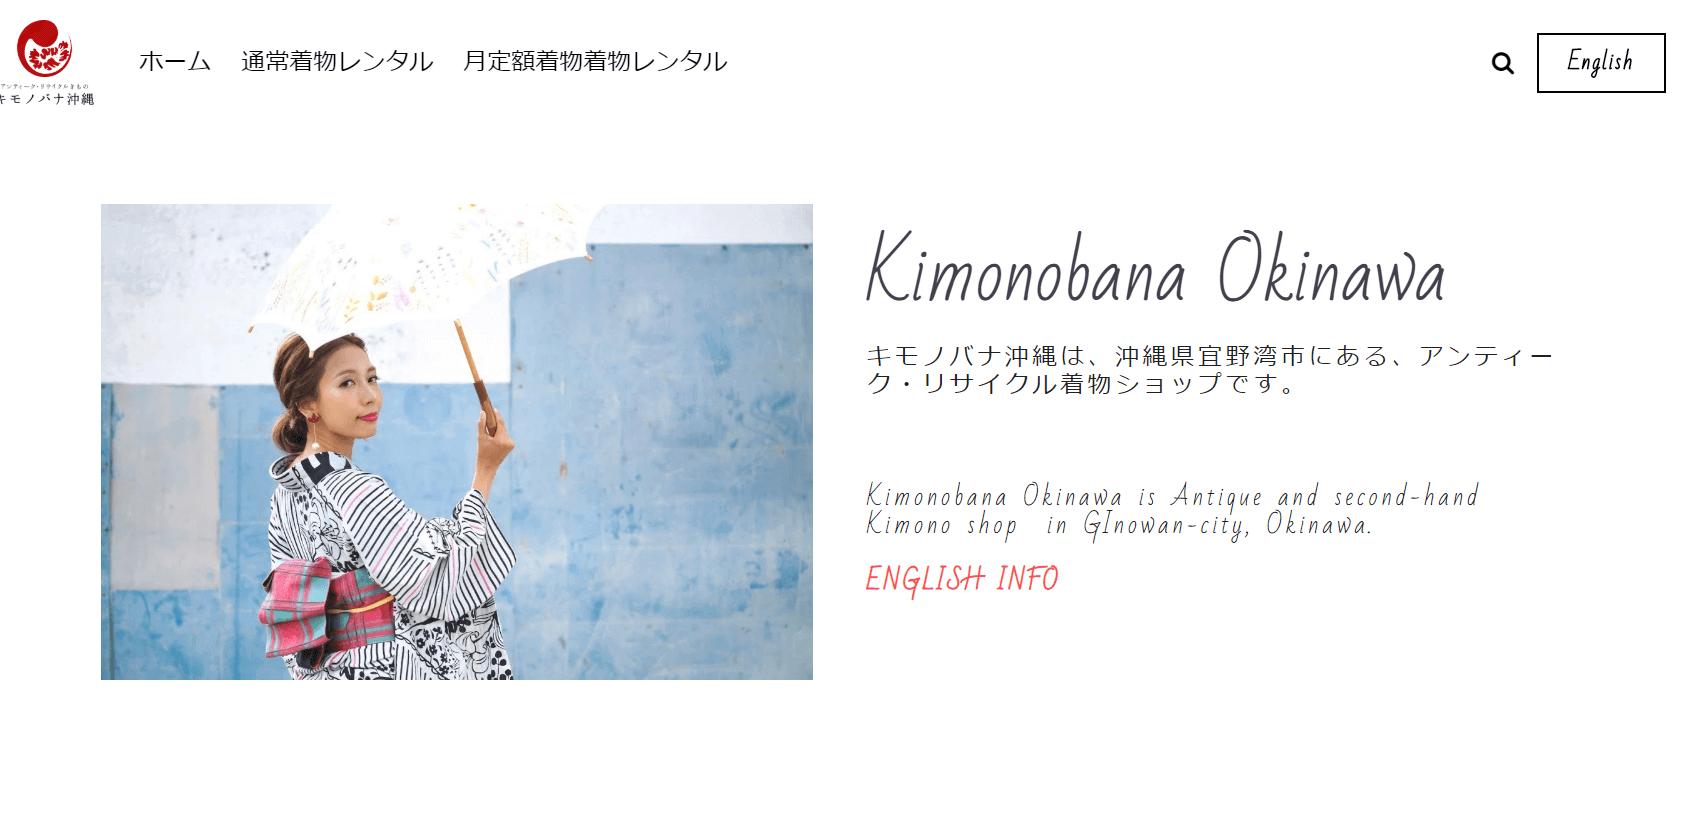 キモノバナ沖縄